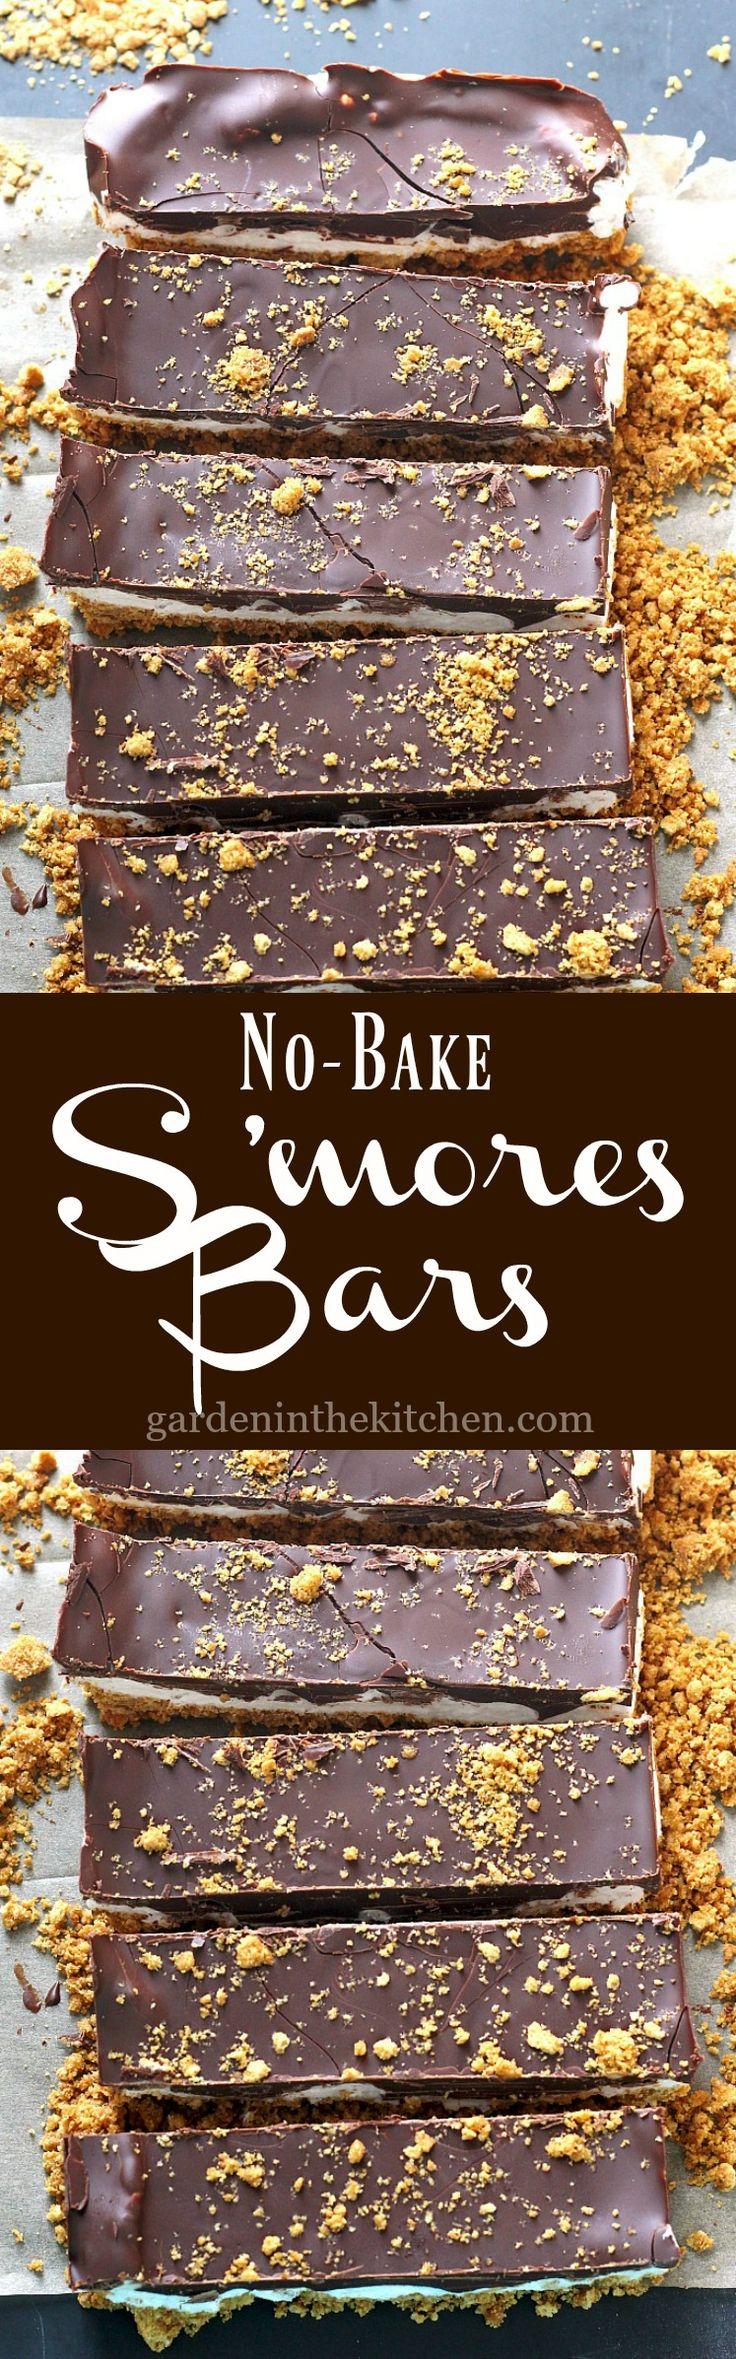 No-Bake S'mores Bars